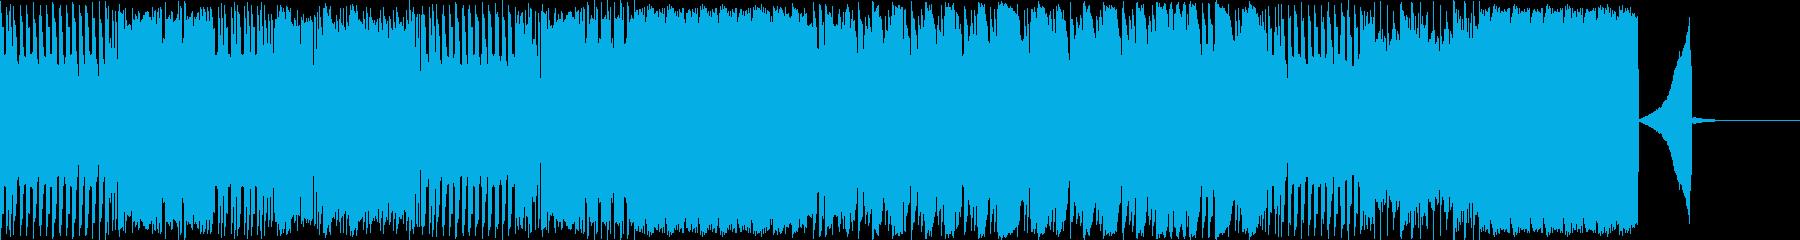 ブレイクコアなドラムソロの再生済みの波形